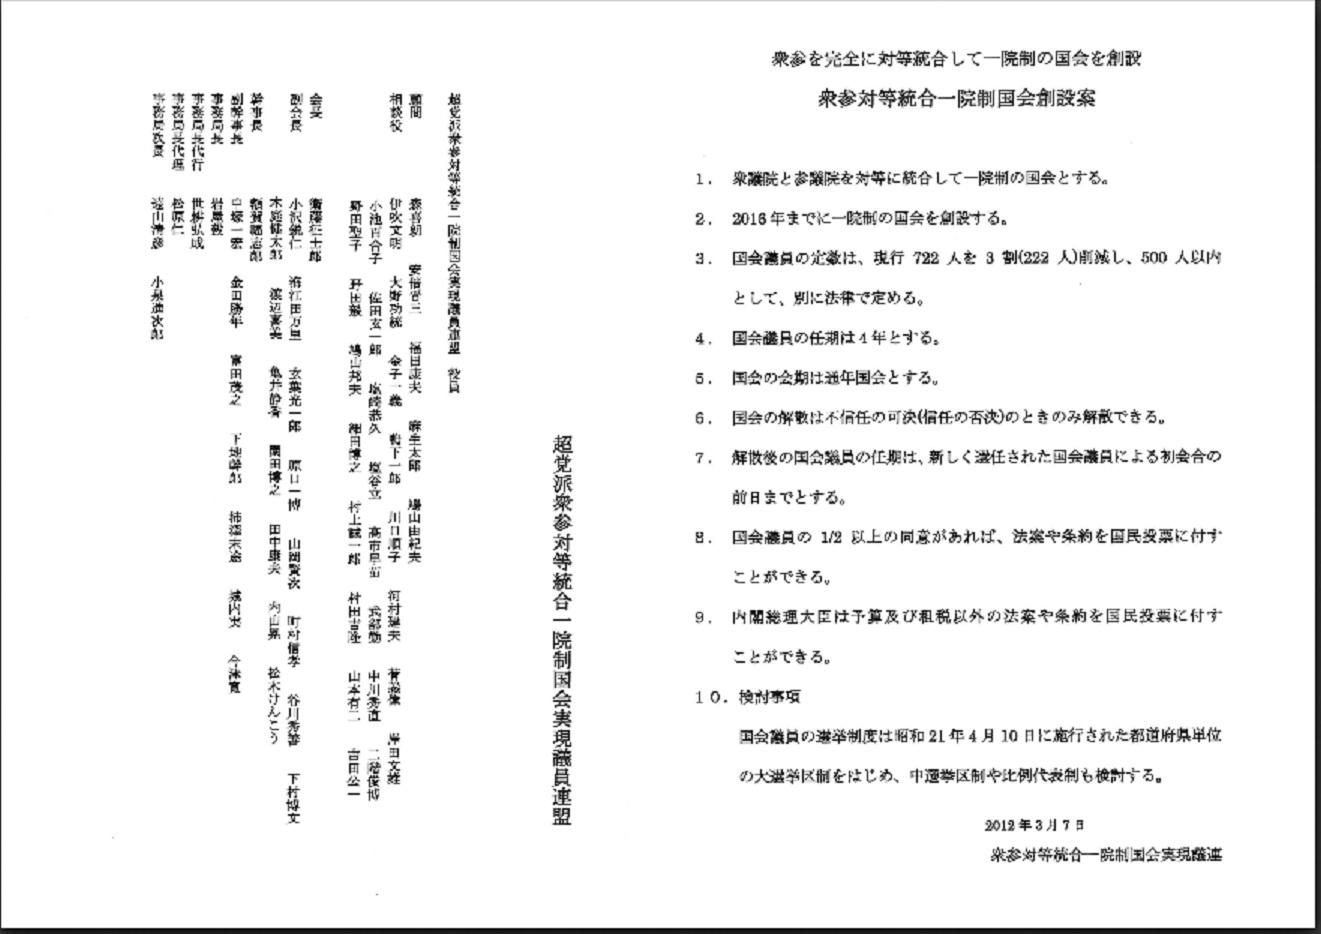 一院制議連 憲法改正案